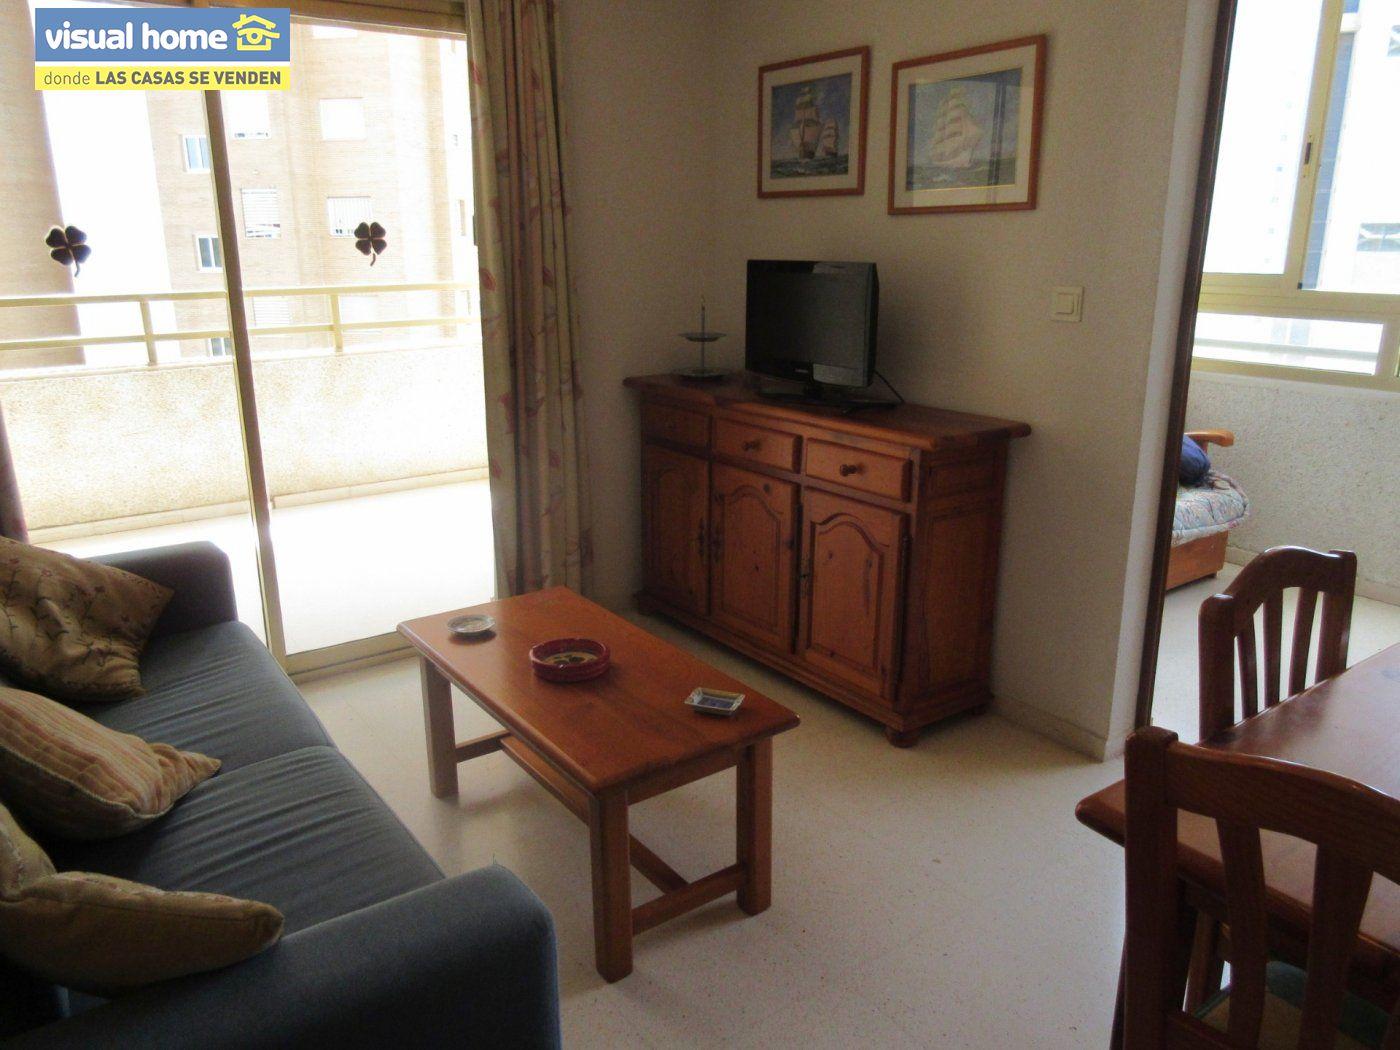 ¡¡¡ Oportunidad !!! Apartamento zona Levante de un dormitorio con parking y piscina 25